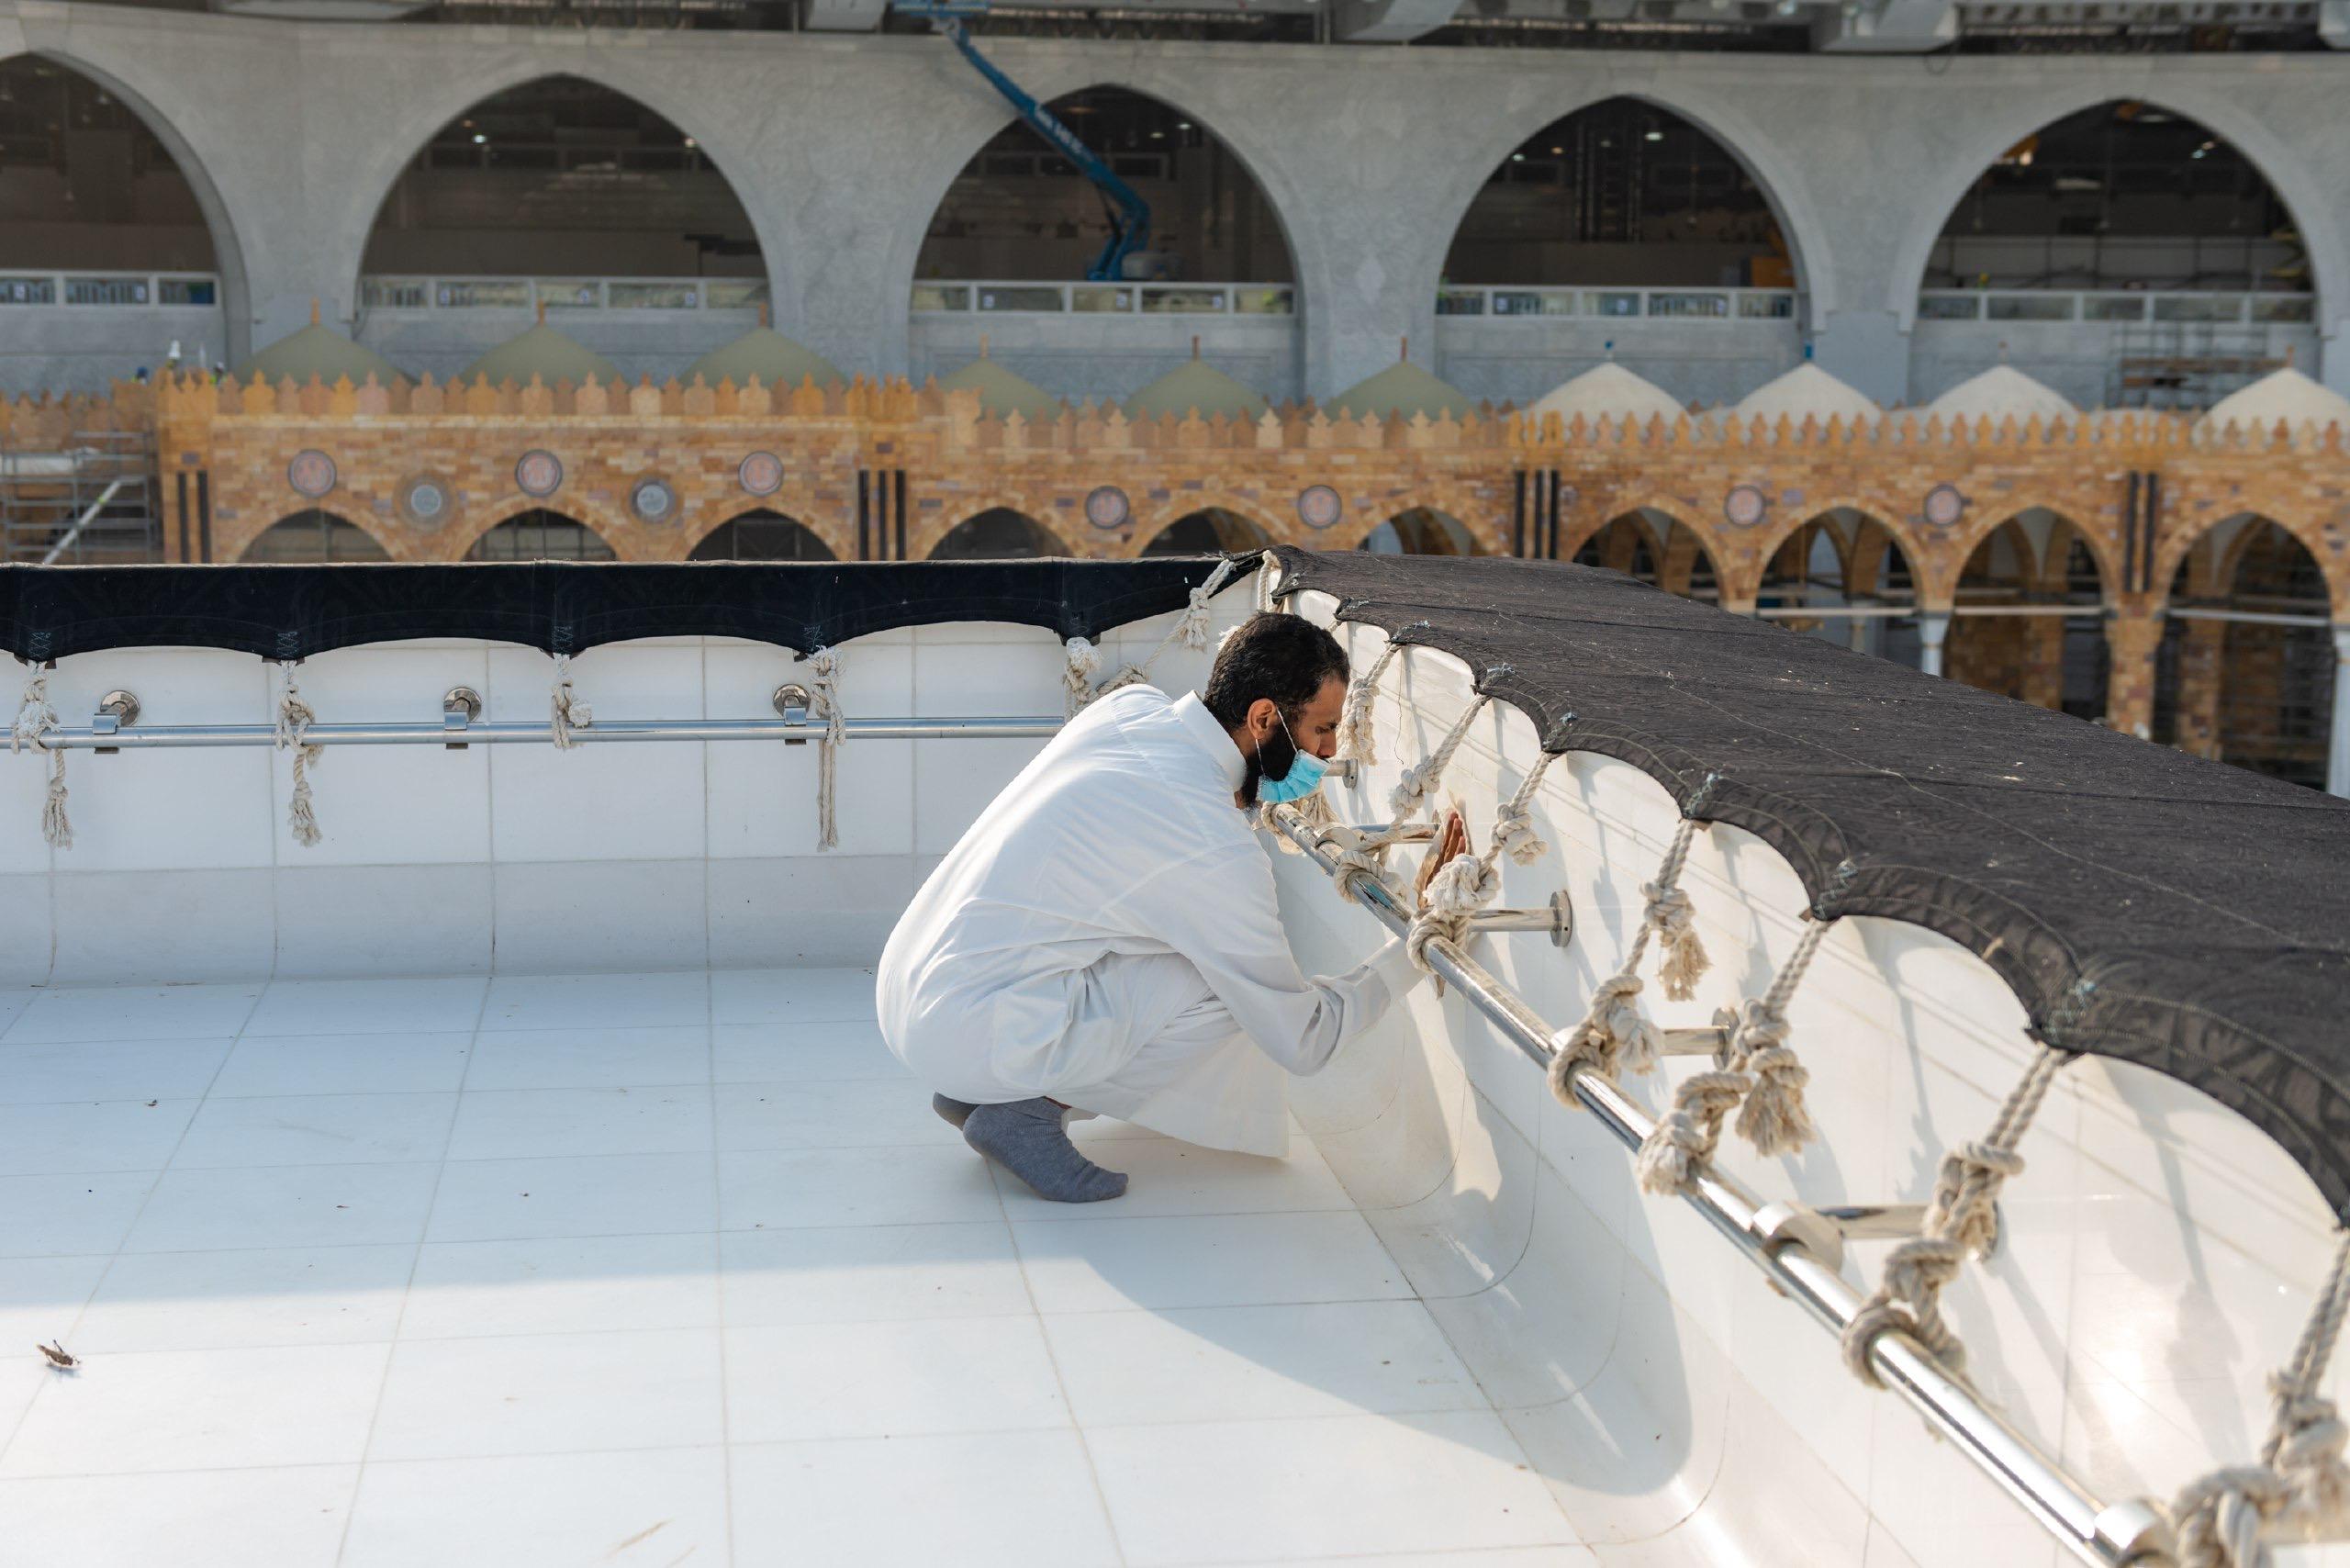 فريق سعودي مختص بتنظيف سطح الكعبة المشرفة خلال 40 دقيقة (3)